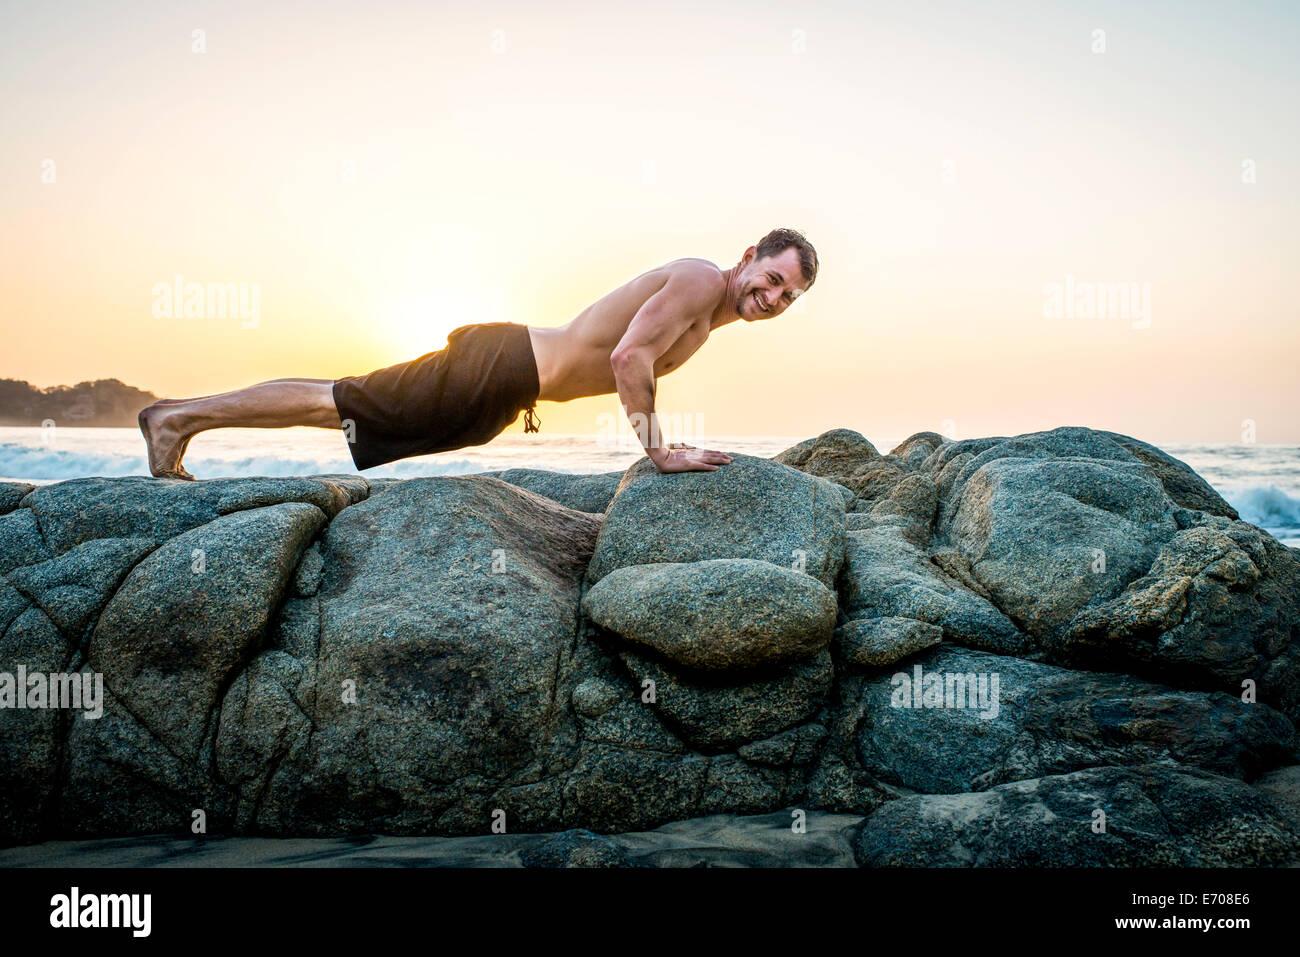 Mitte erwachsenen Mannes macht Liegestütze auf Felsen am Strand Stockbild